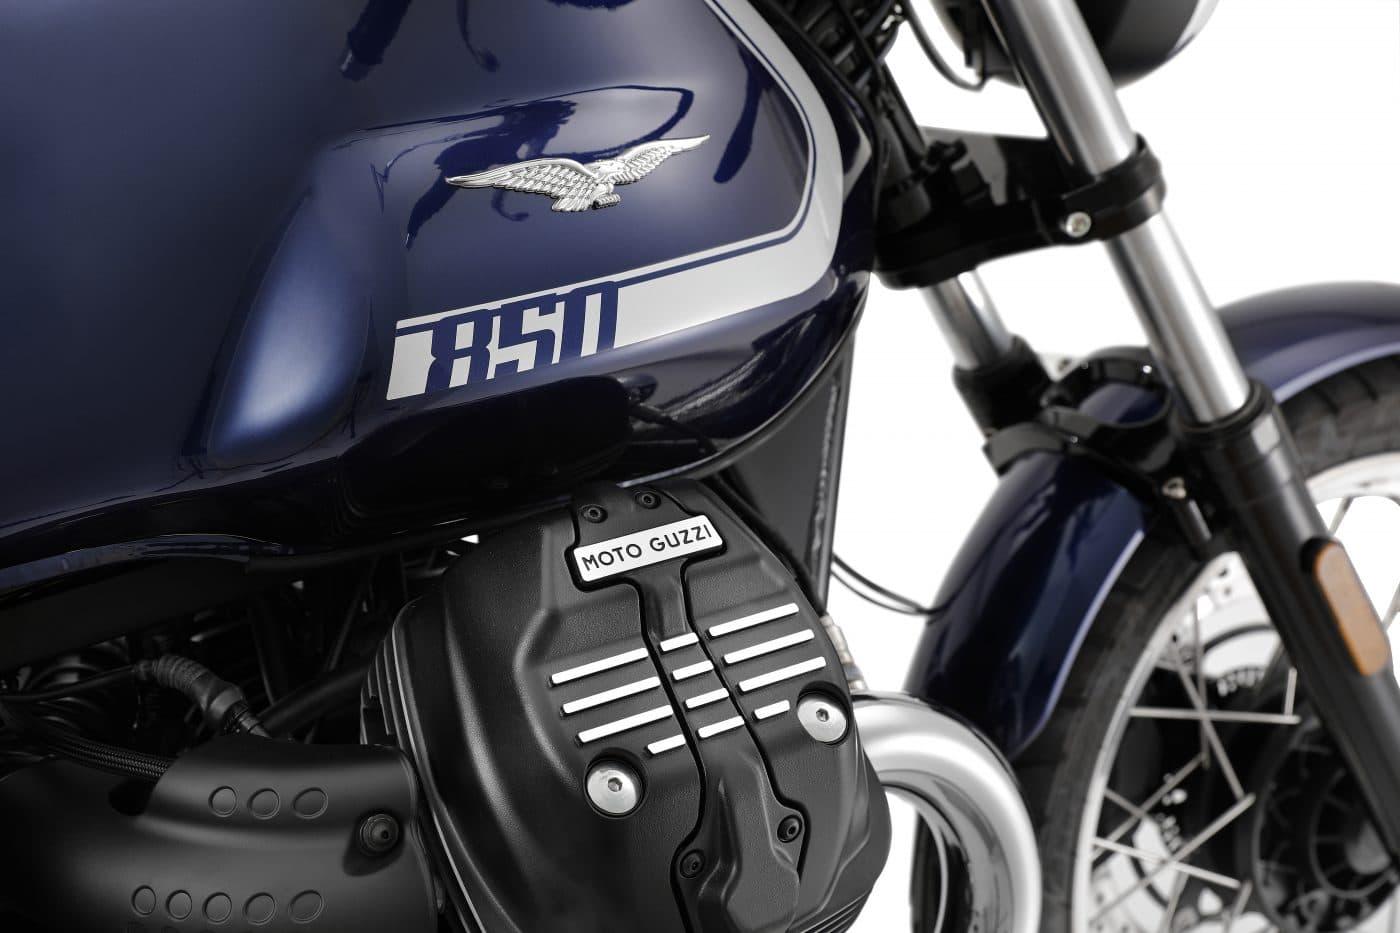 Sneller en comfortabeler: De nieuwe Moto Guzzi V7